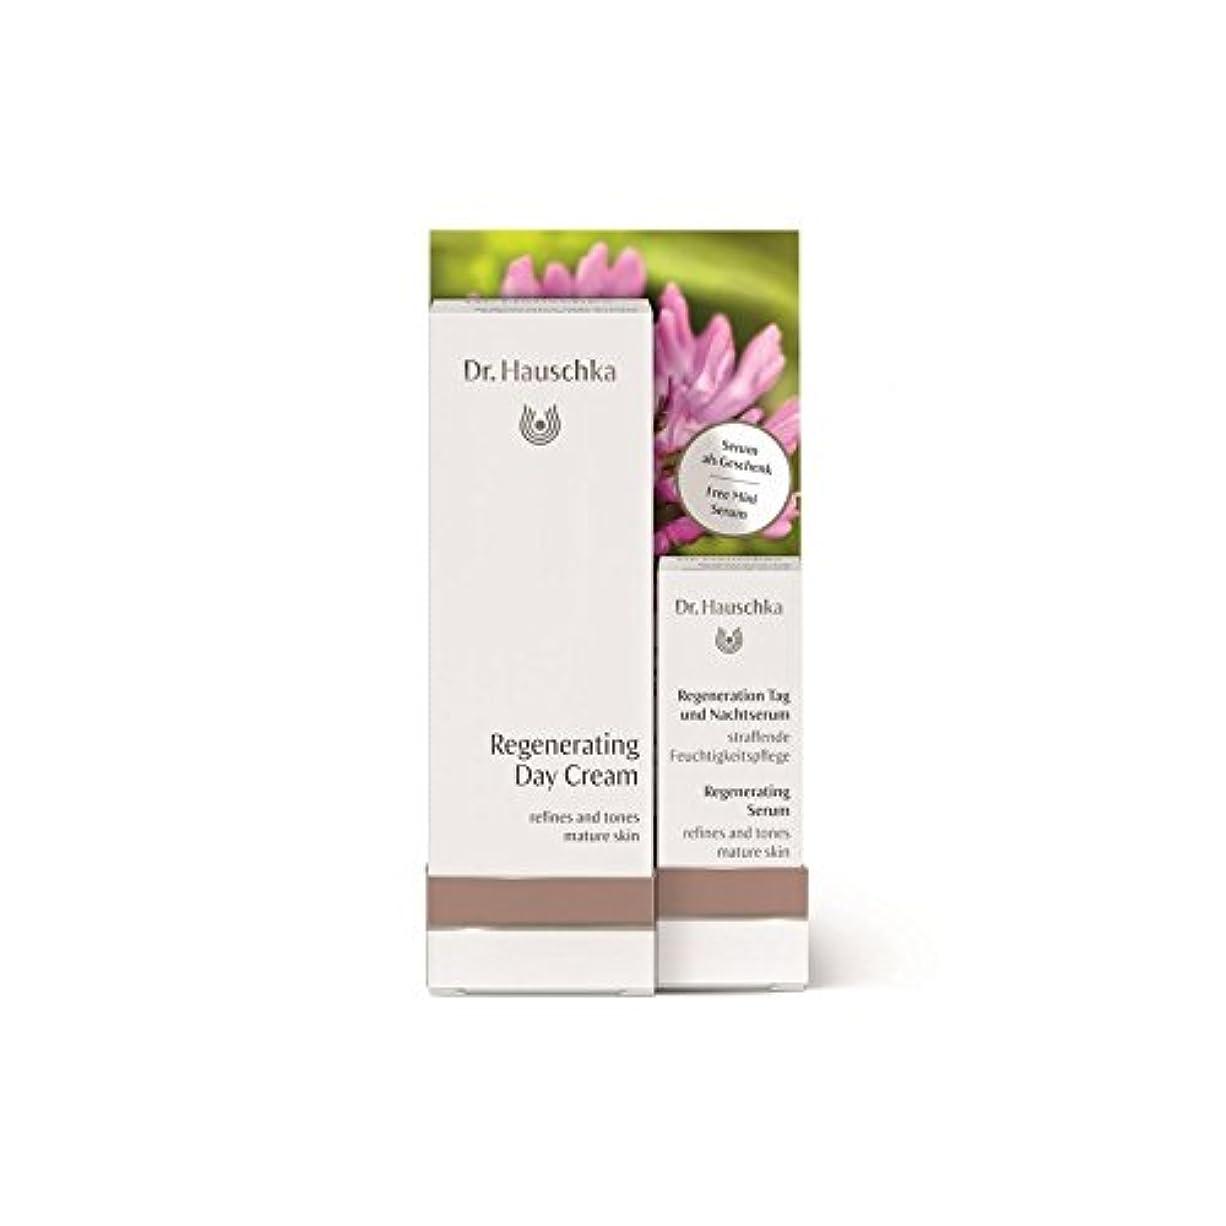 学部融合長方形Dr. Hauschka Regenerating Day Cream with a free Regenerating Serum 2.5ml - 無料再生血清2.5ミリリットルとハウシュカ再生デイクリーム [並行輸入品]